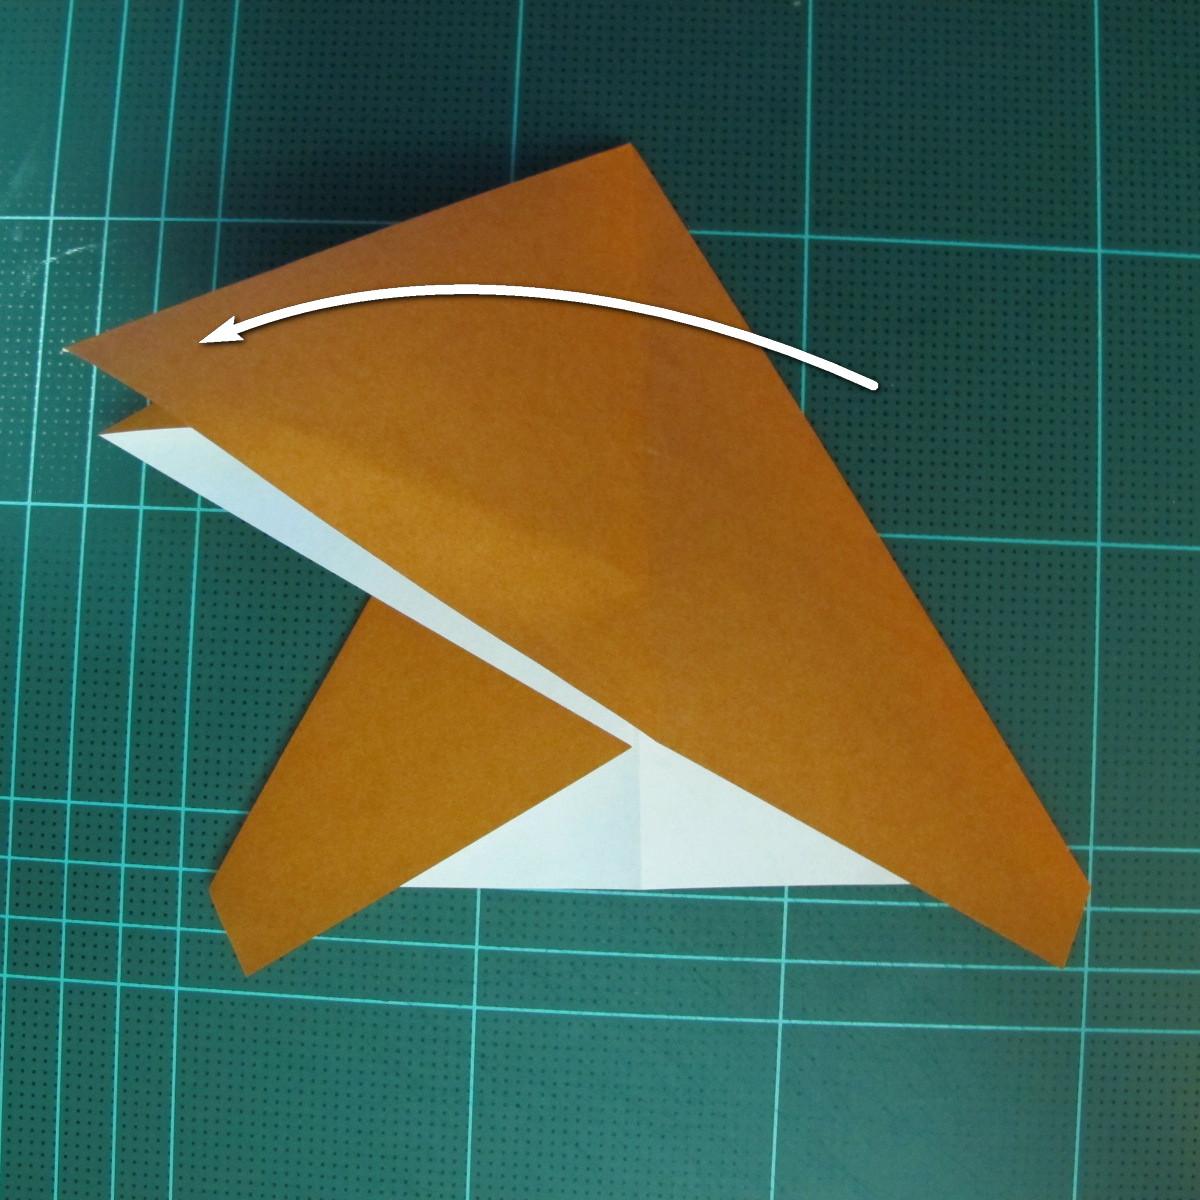 วิธีการพับกระดาษเป็นรูปกบ (แบบโคลัมเบี้ยน) (Origami Frog) 019